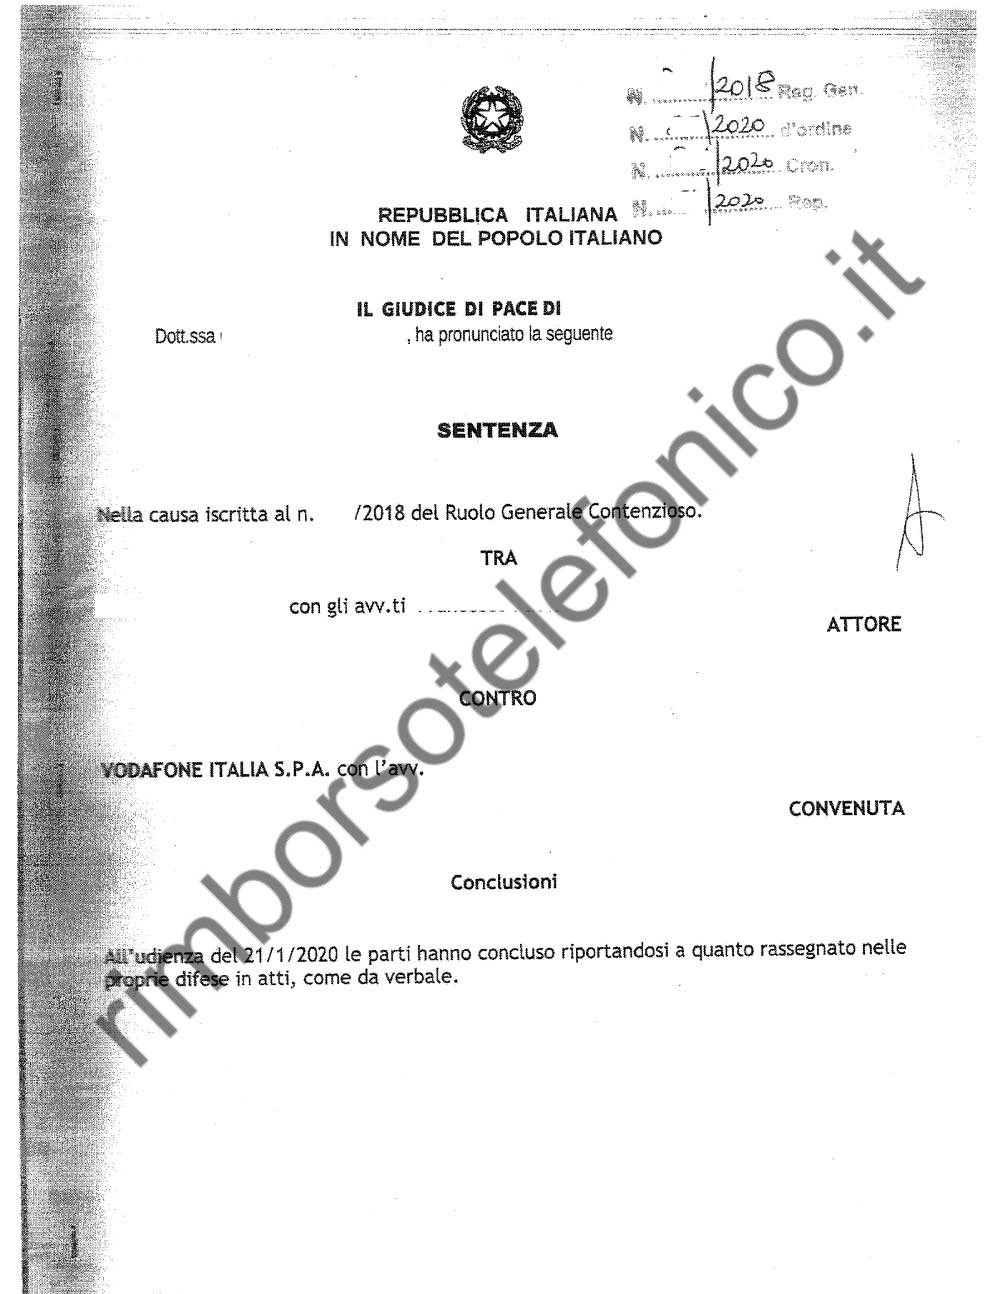 Interruzioni-linea-fissa-Vodafone-condannata